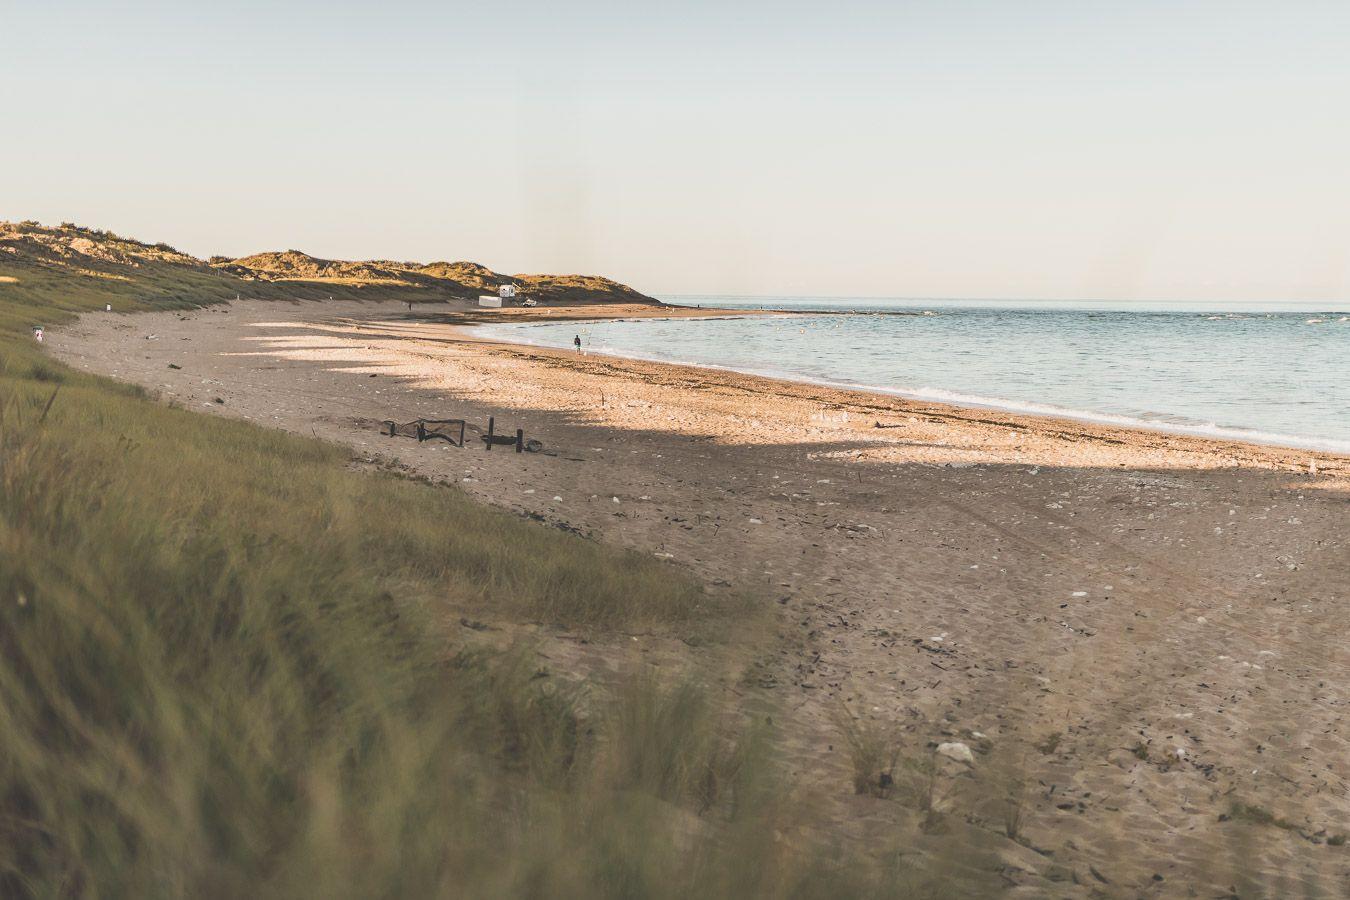 Plage des Bonnes sur l'île d'Oléron